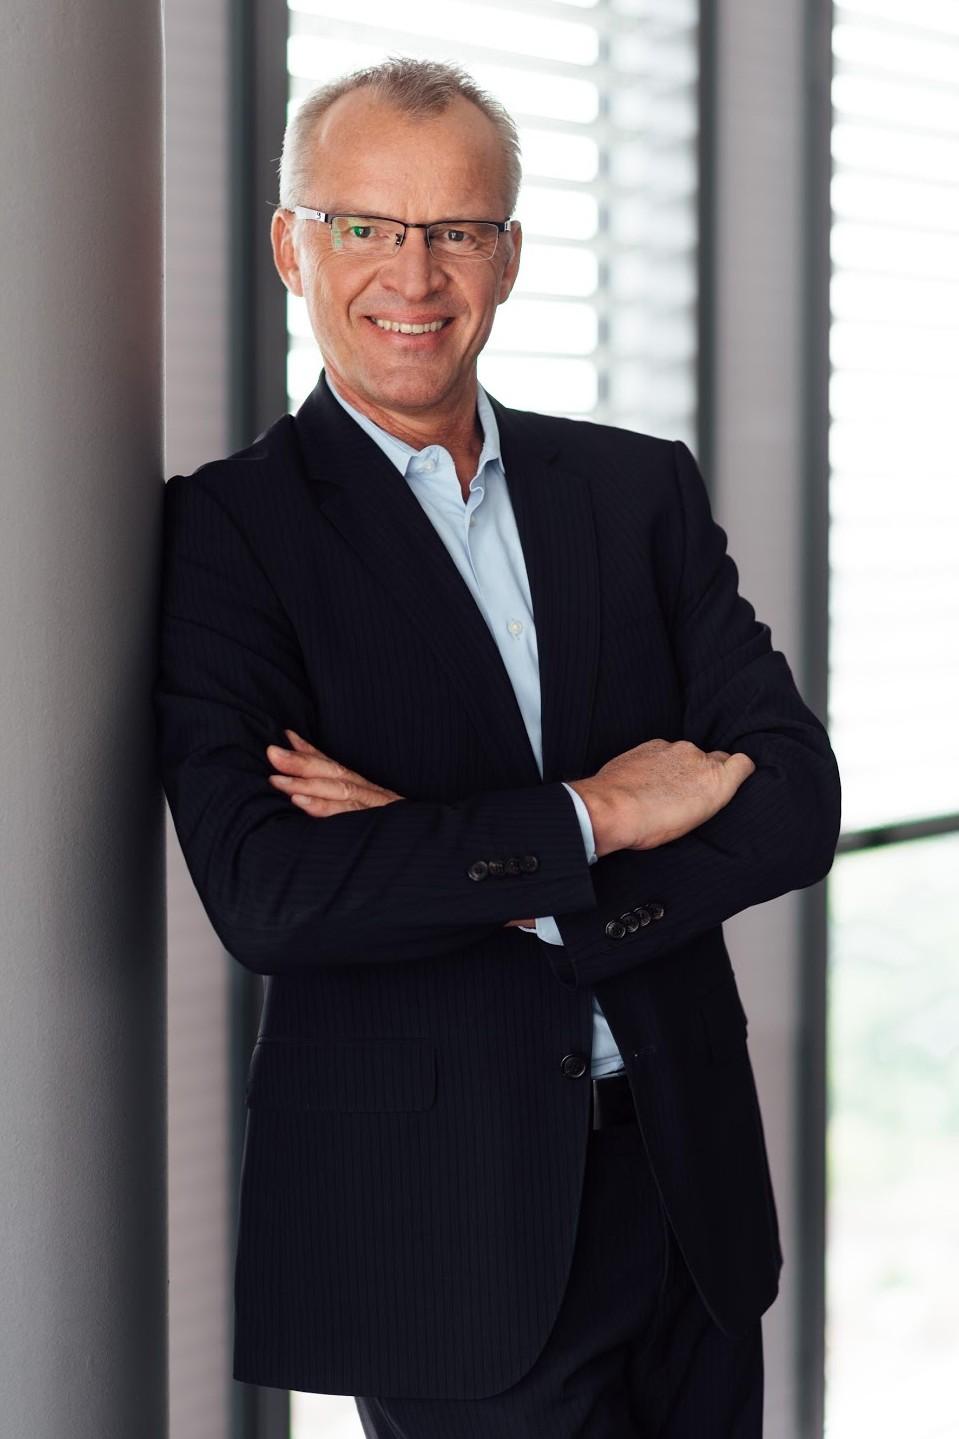 Bernhard Sommer, Geschäftsführer der  SimonsVoss GmbH